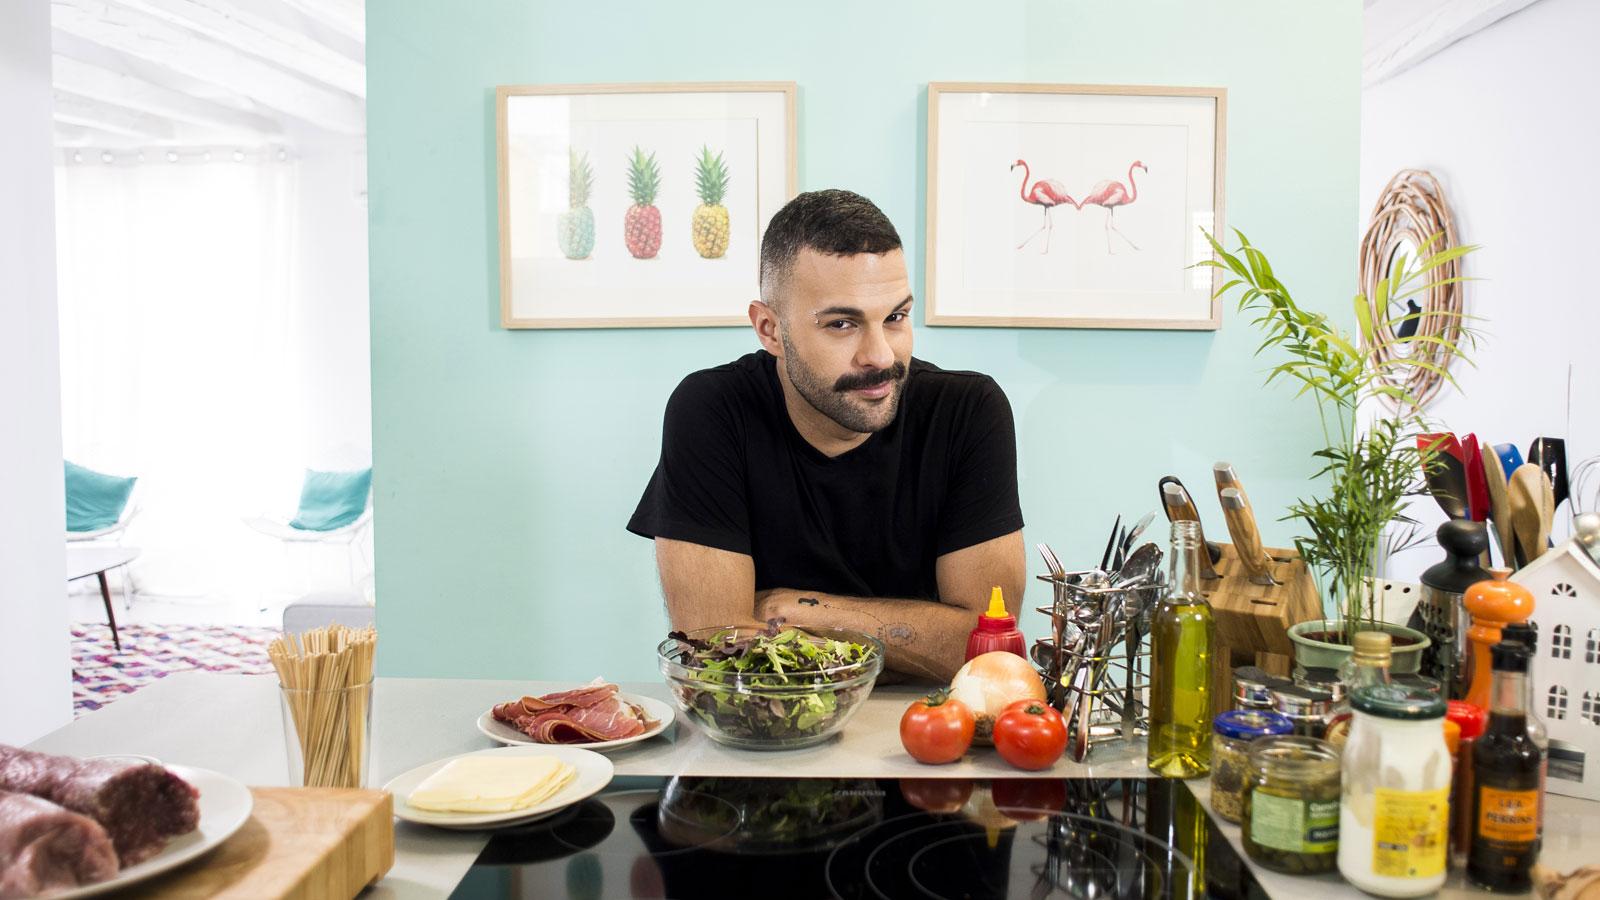 Caprichos de gordor programas canal cocina - Canal de cocina ...